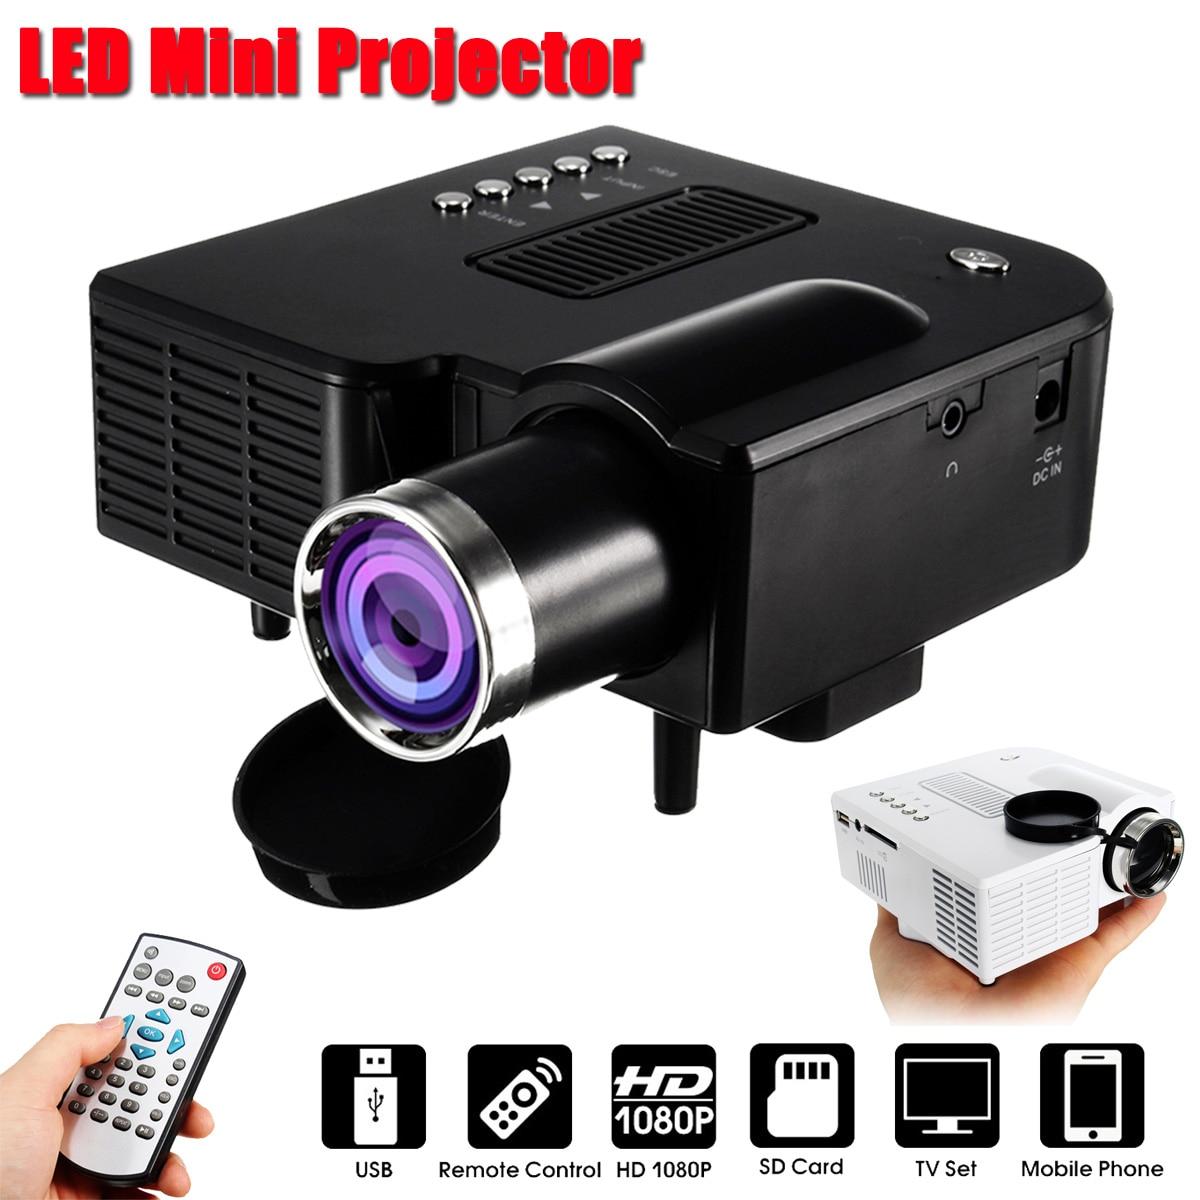 Unic uc28 + portátil led projetor cinema teatro mini projetor usb/sd/av entrada mini entretenimento projetor 400 lumens